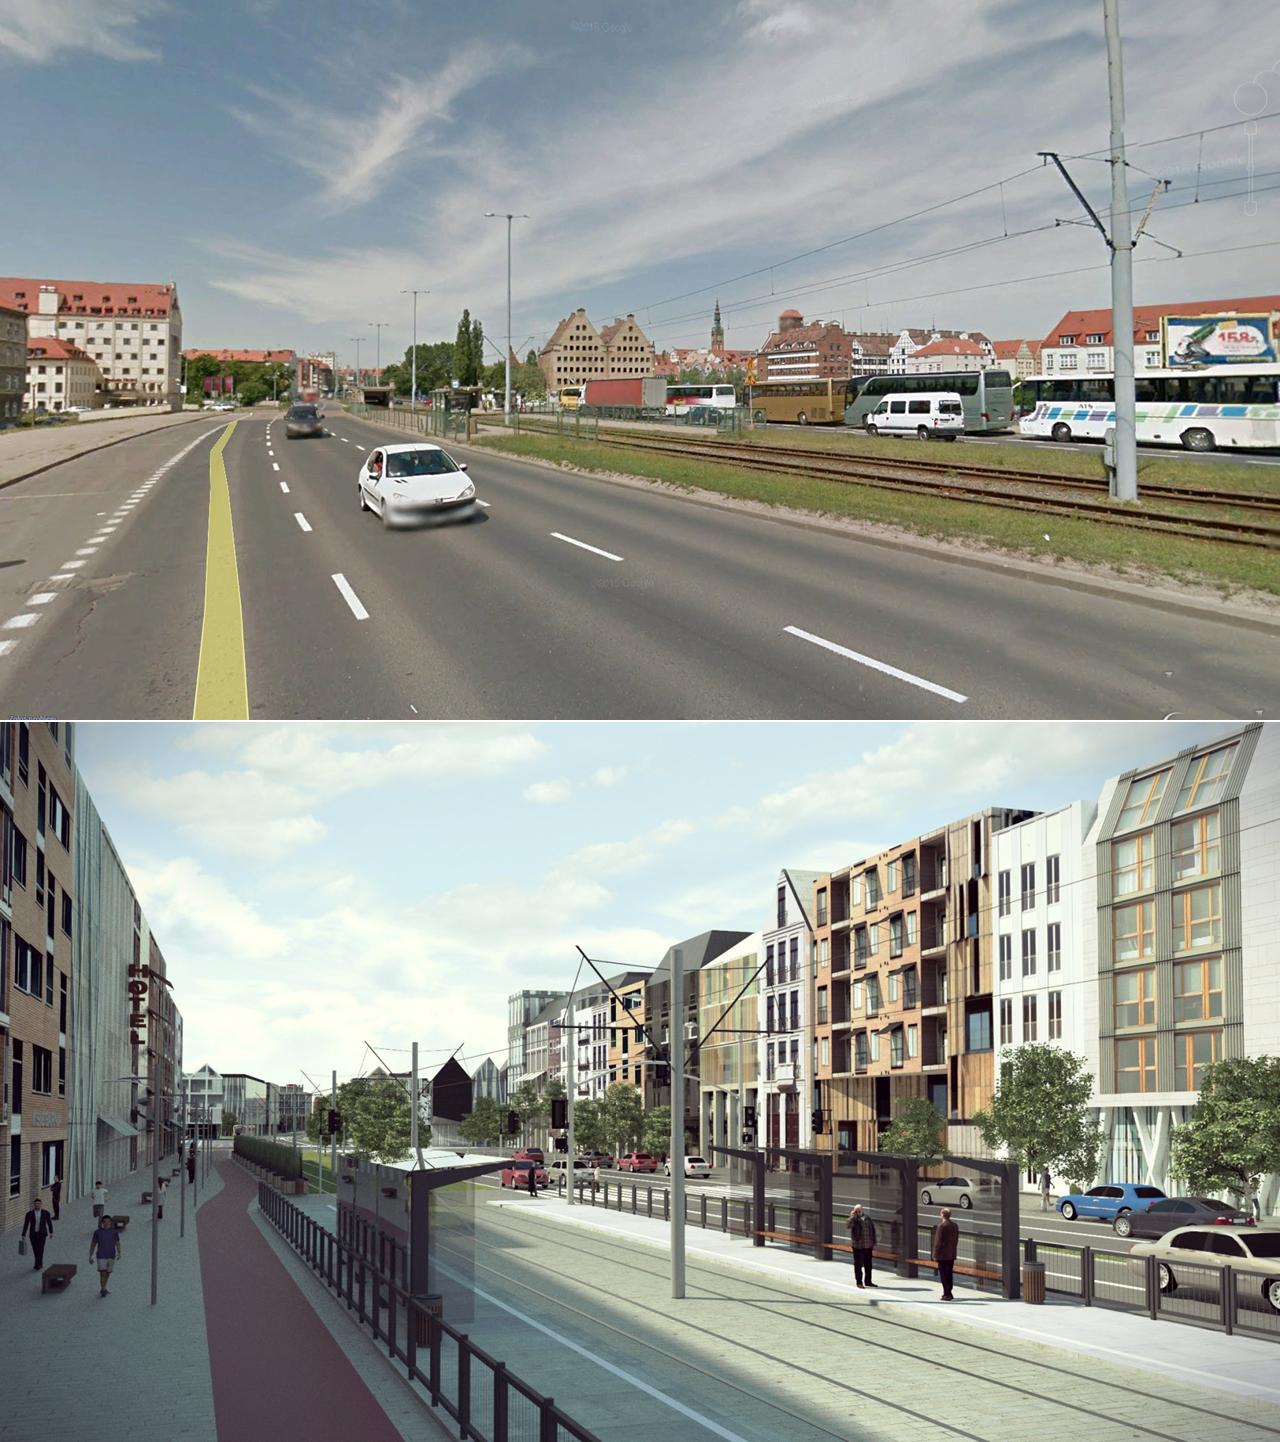 Proponowane zmiany na Podwalu Przedmiejskim w Gdańsku (źródło: Stowarzyszenie FRAG)